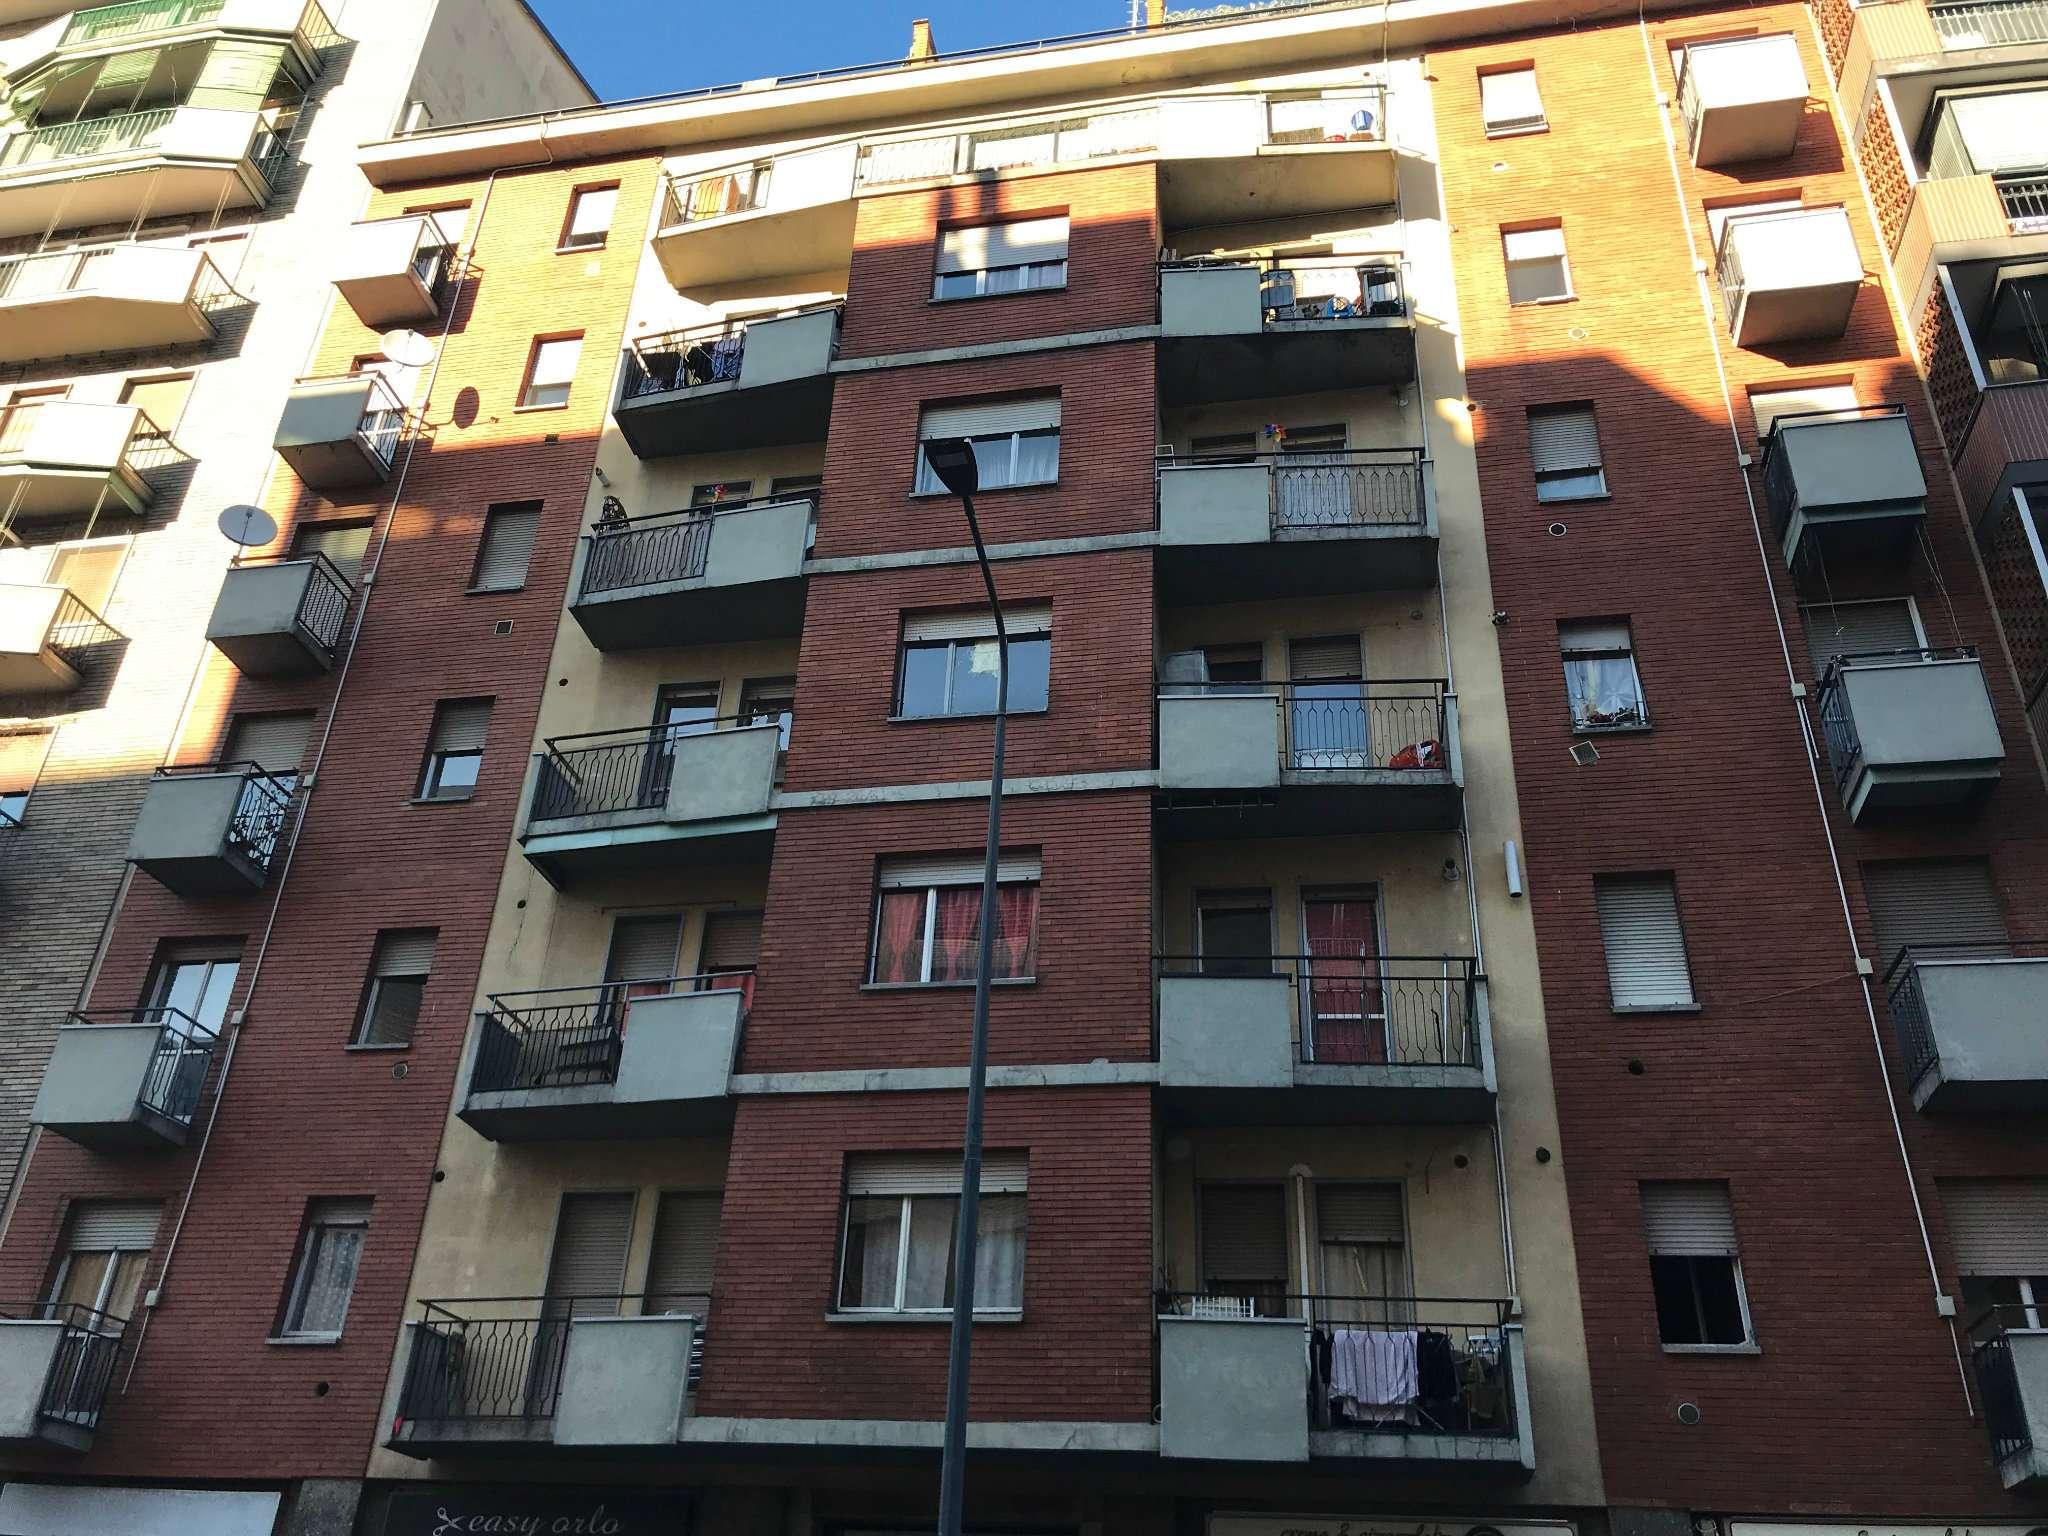 Appartamento in Vendita a Milano 23 Forlanini / Mecenate:  2 locali, 76 mq  - Foto 1